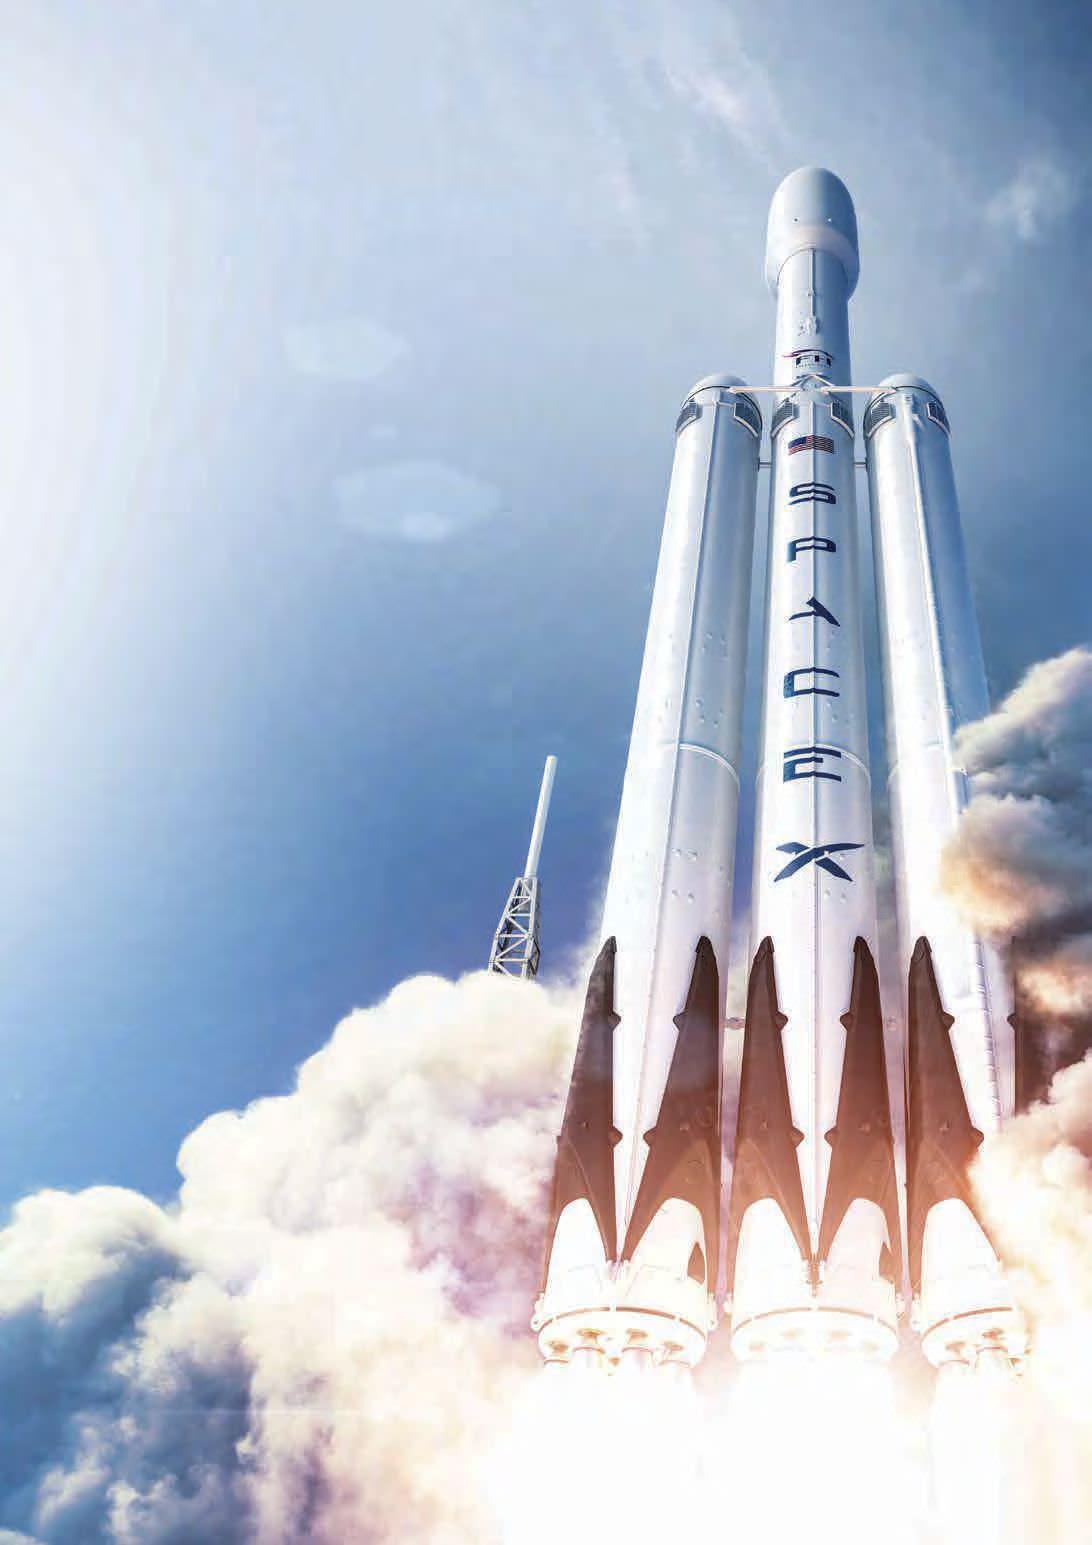 На сегодняшний день Falcon Heavy – самая мощная и самая грузоподъемная ракета в мире